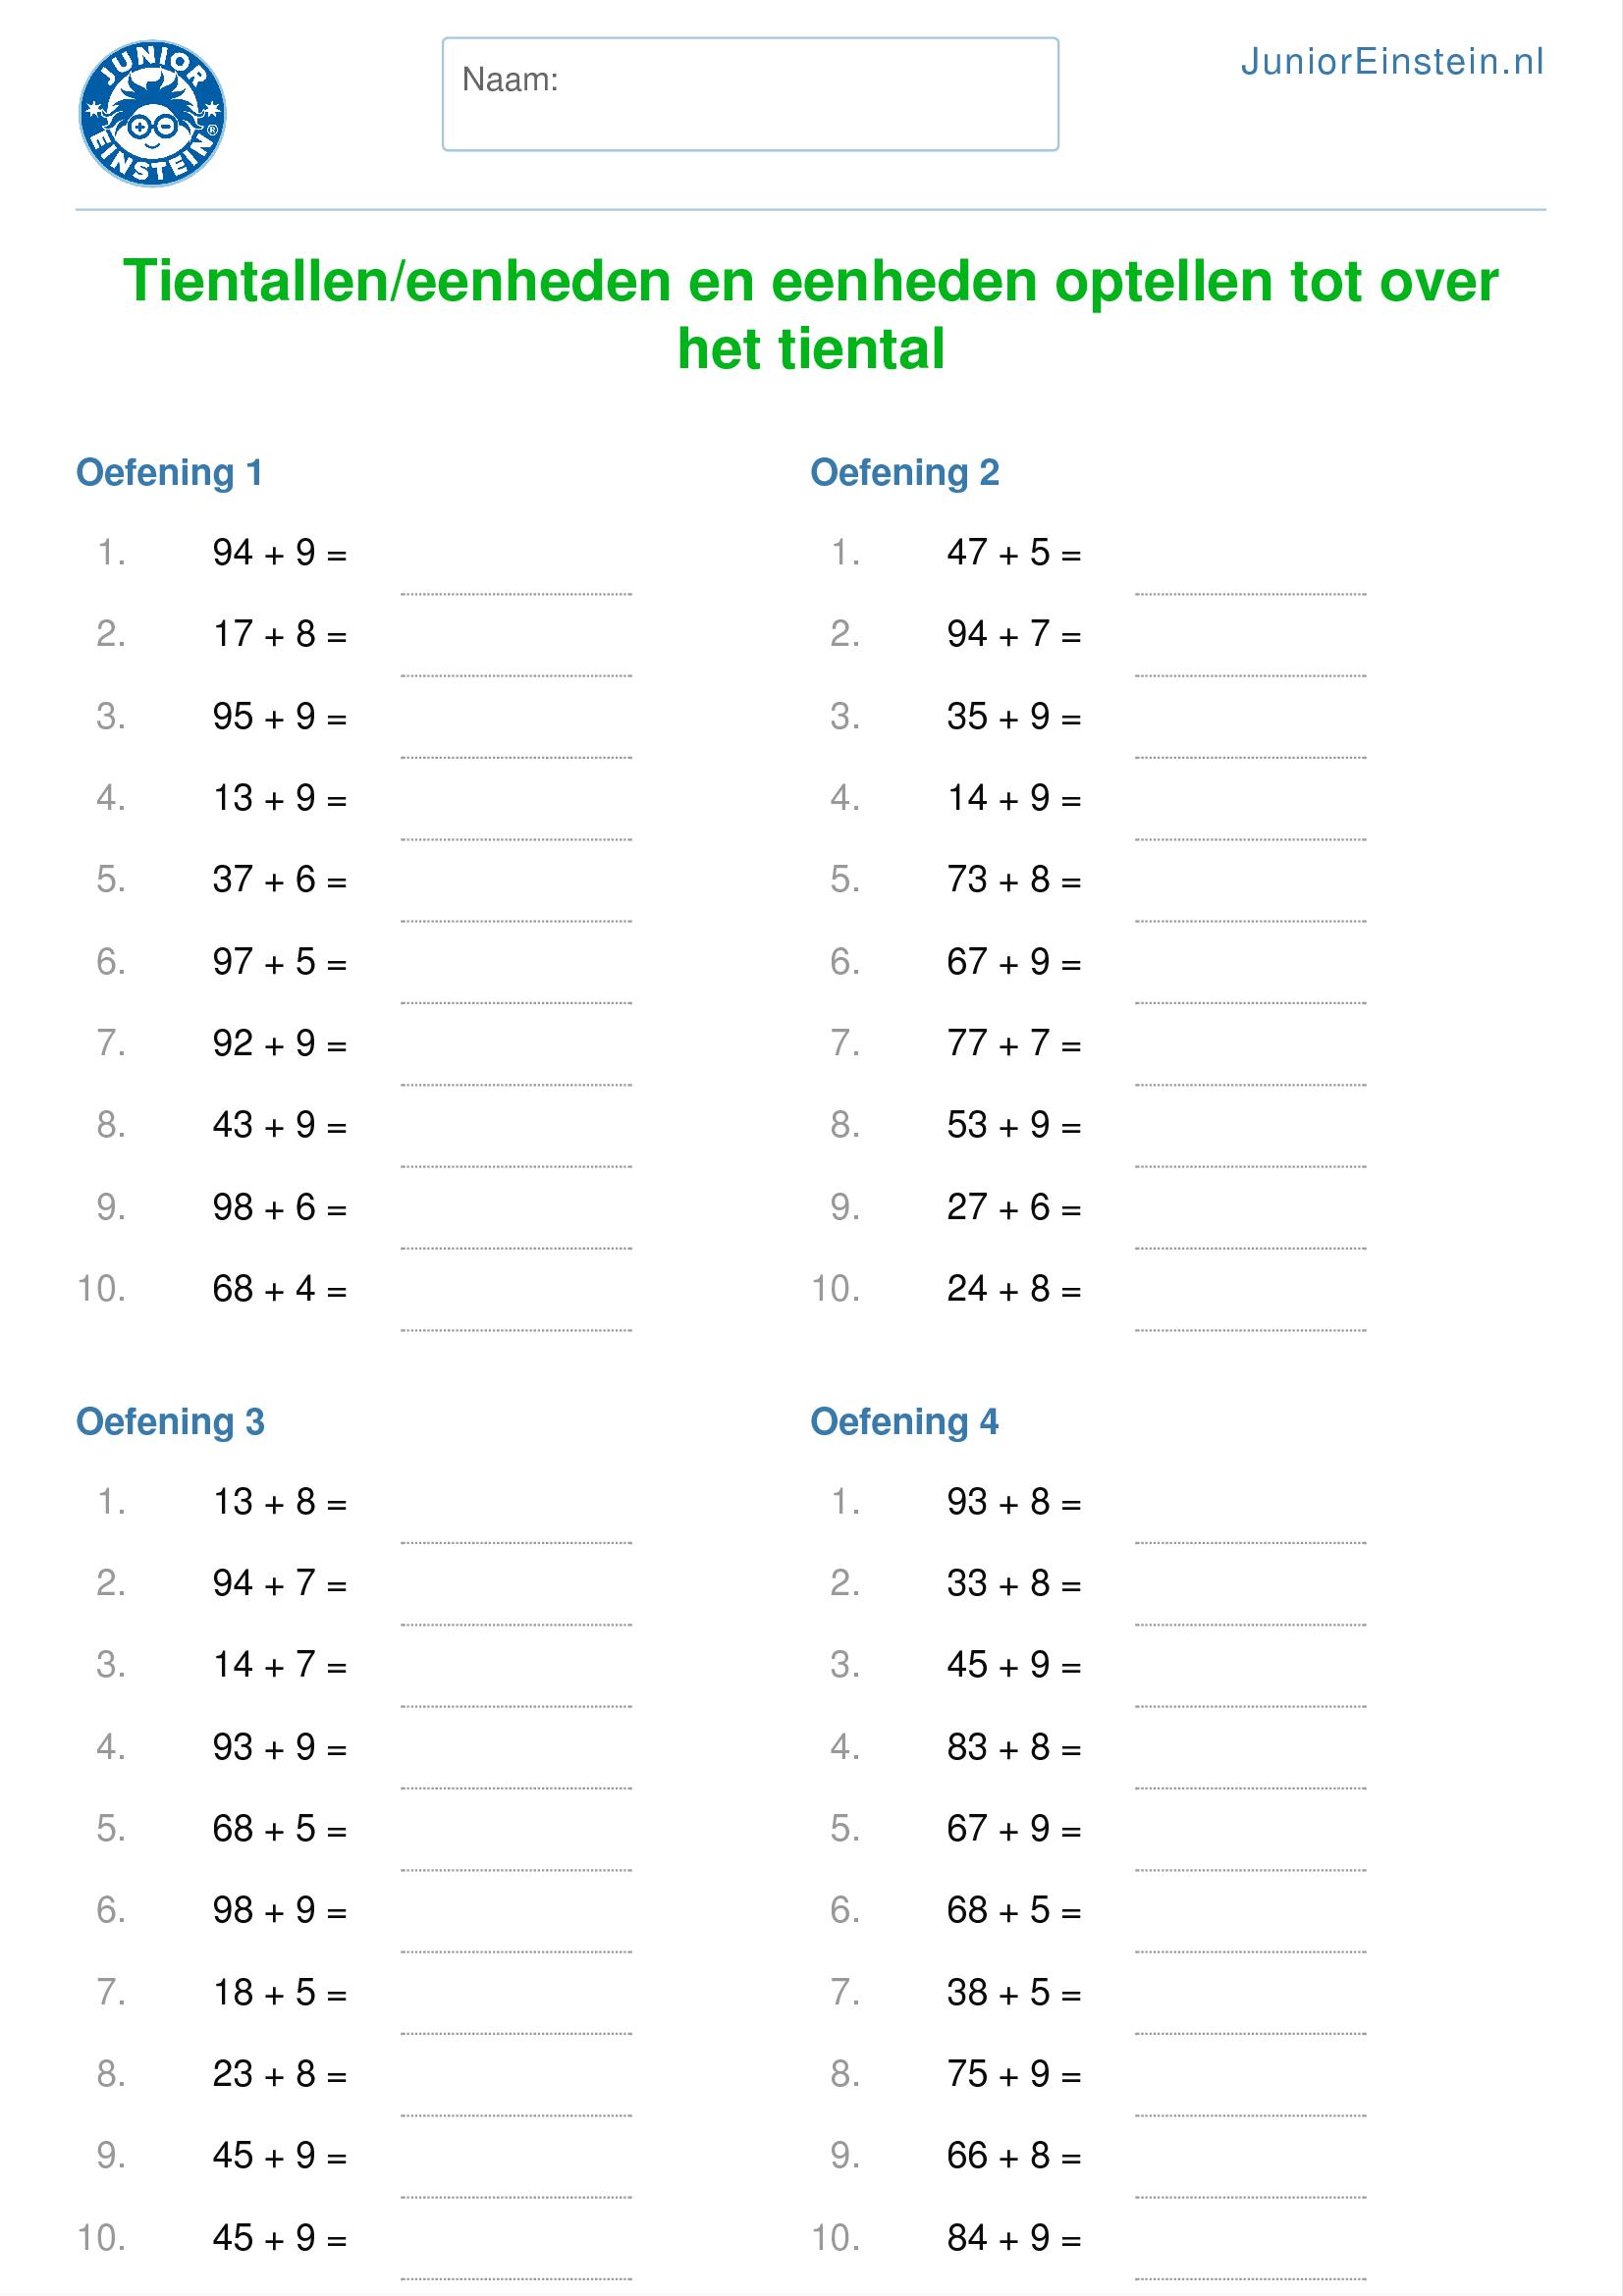 Hedendaags Rekenblad: Tientallen en eenheden optellen tot over het tiental PM-01